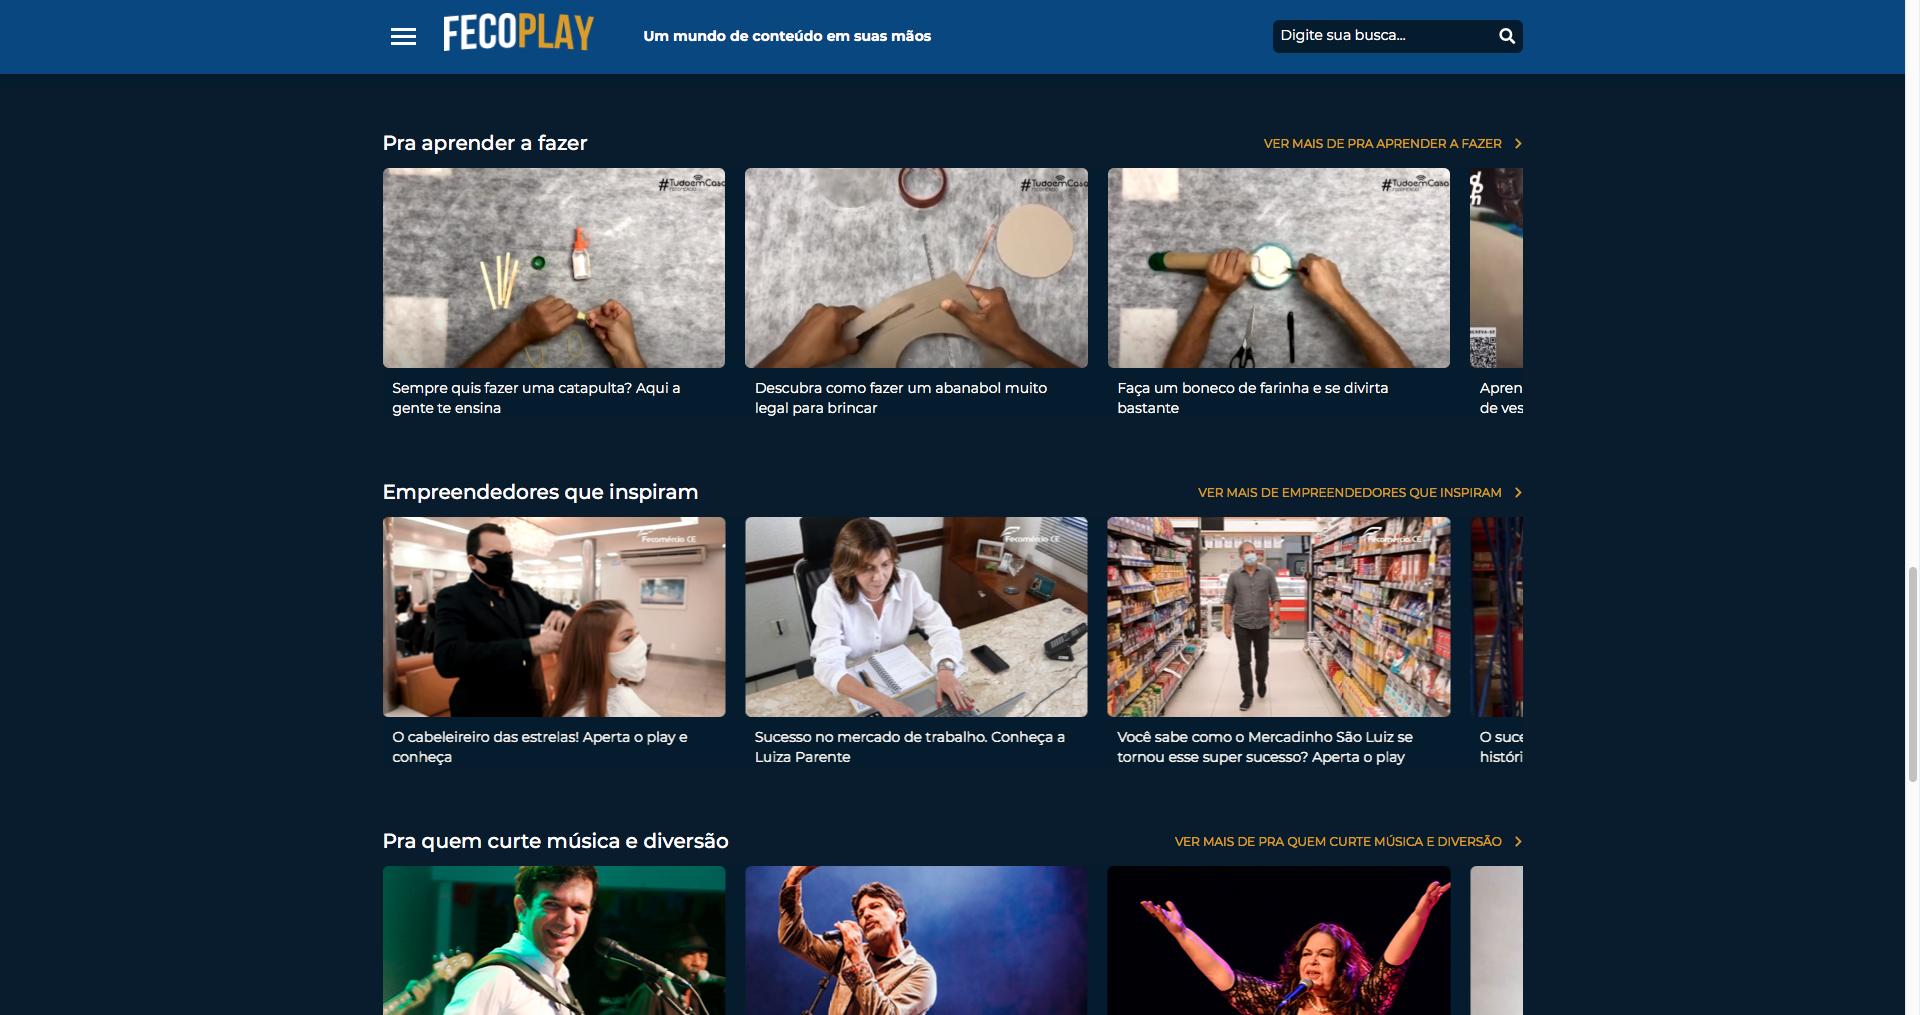 Sistema Fecomércio lança plataforma de streaming com conteúdos próprios